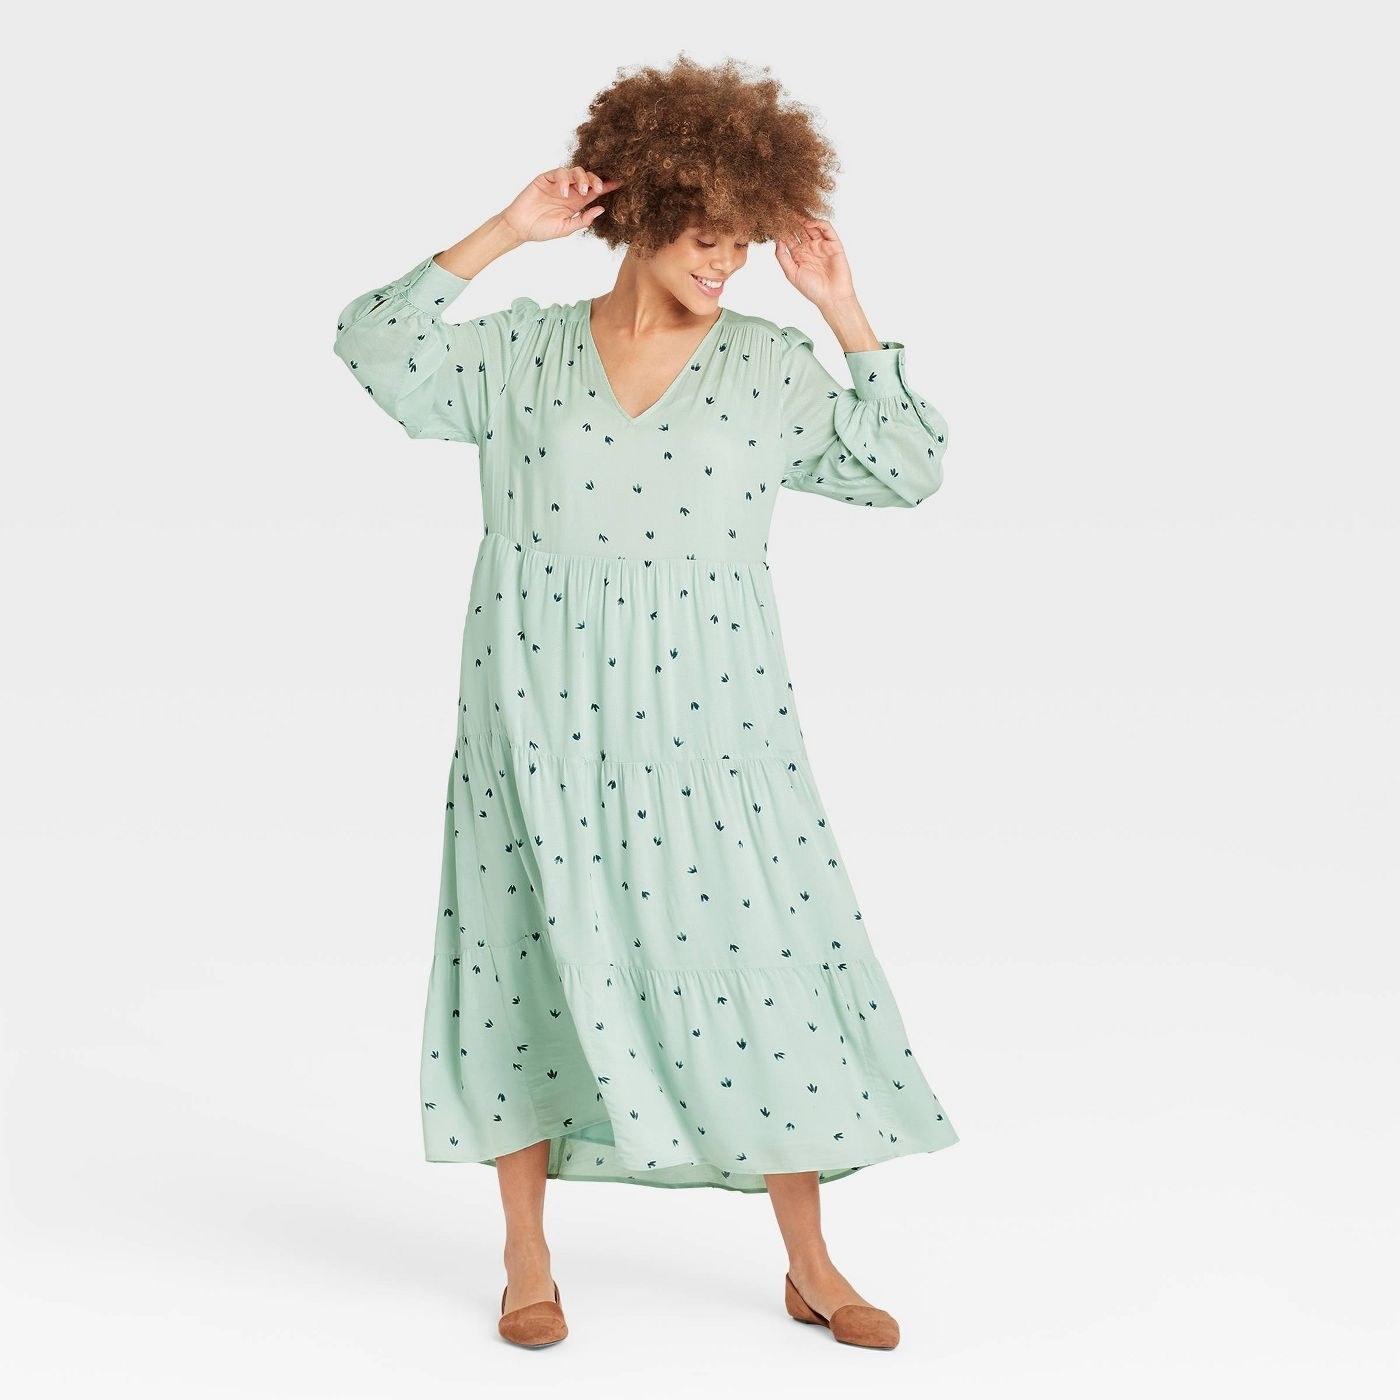 A model wearing the dress